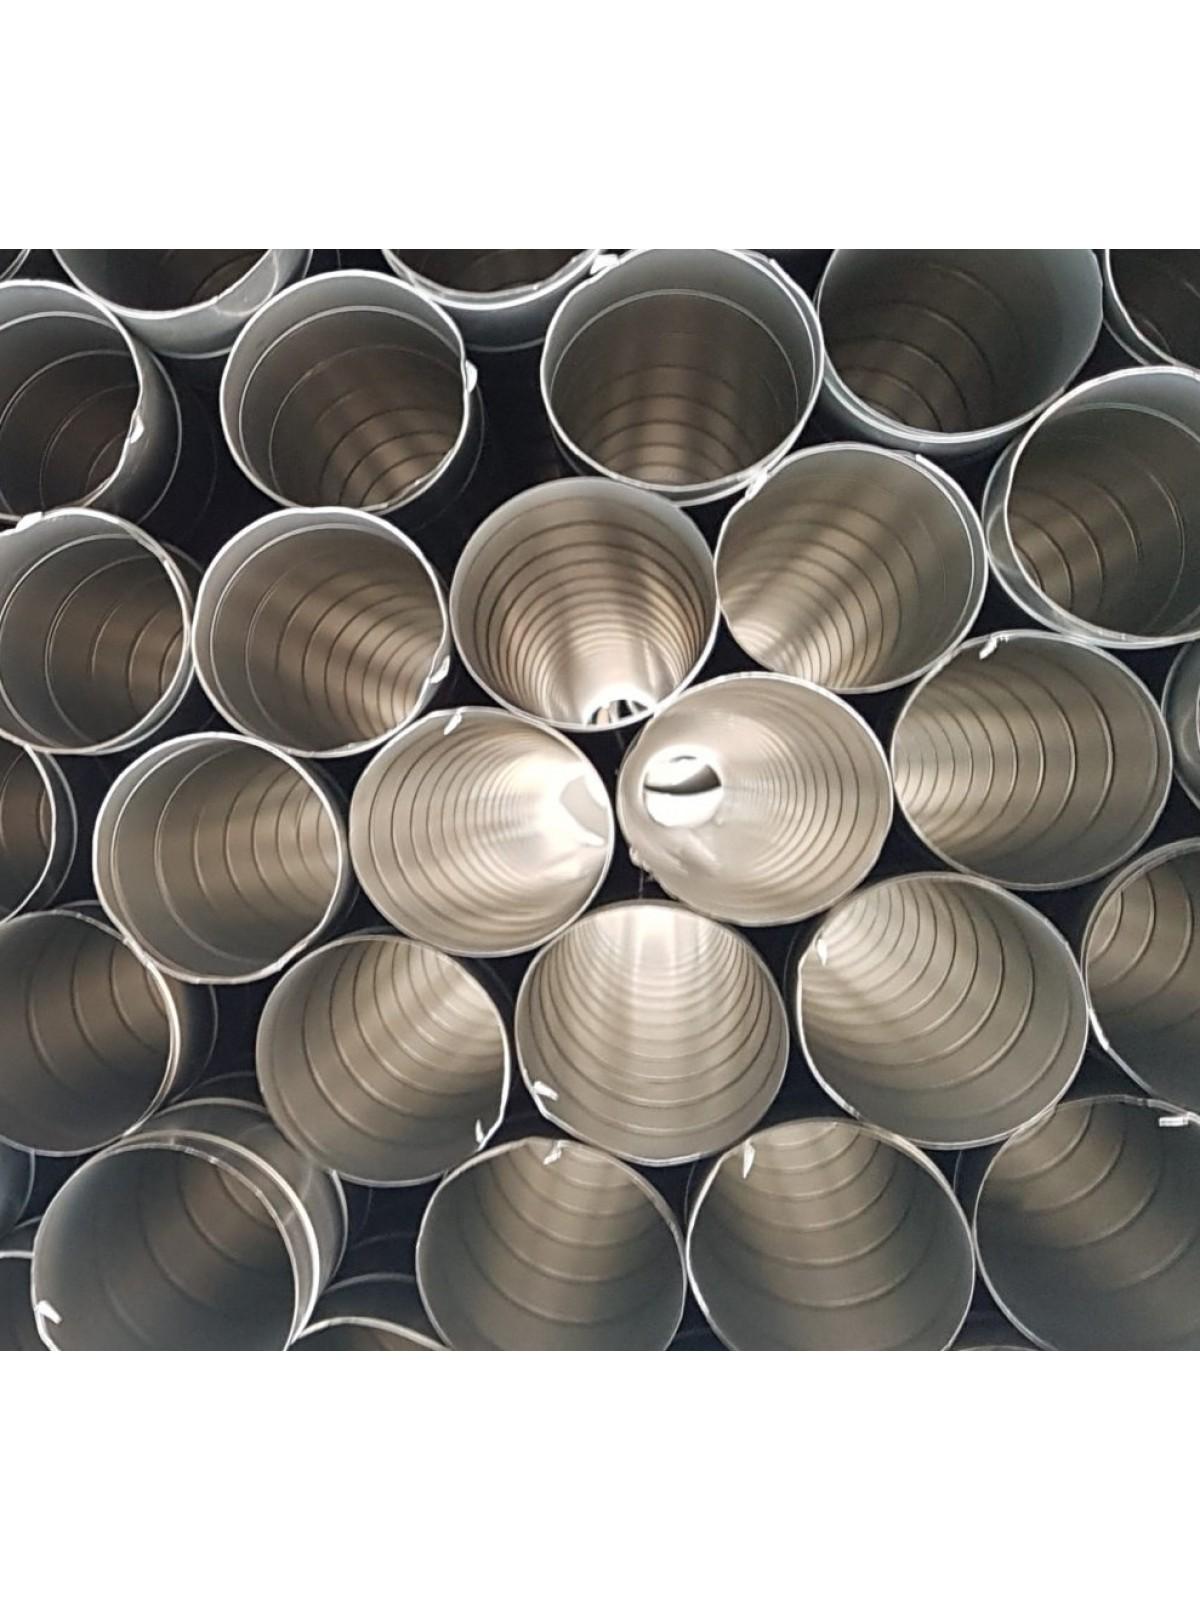 Монтаж воздуховодов оцинкованных круглых диаметром 125 мм